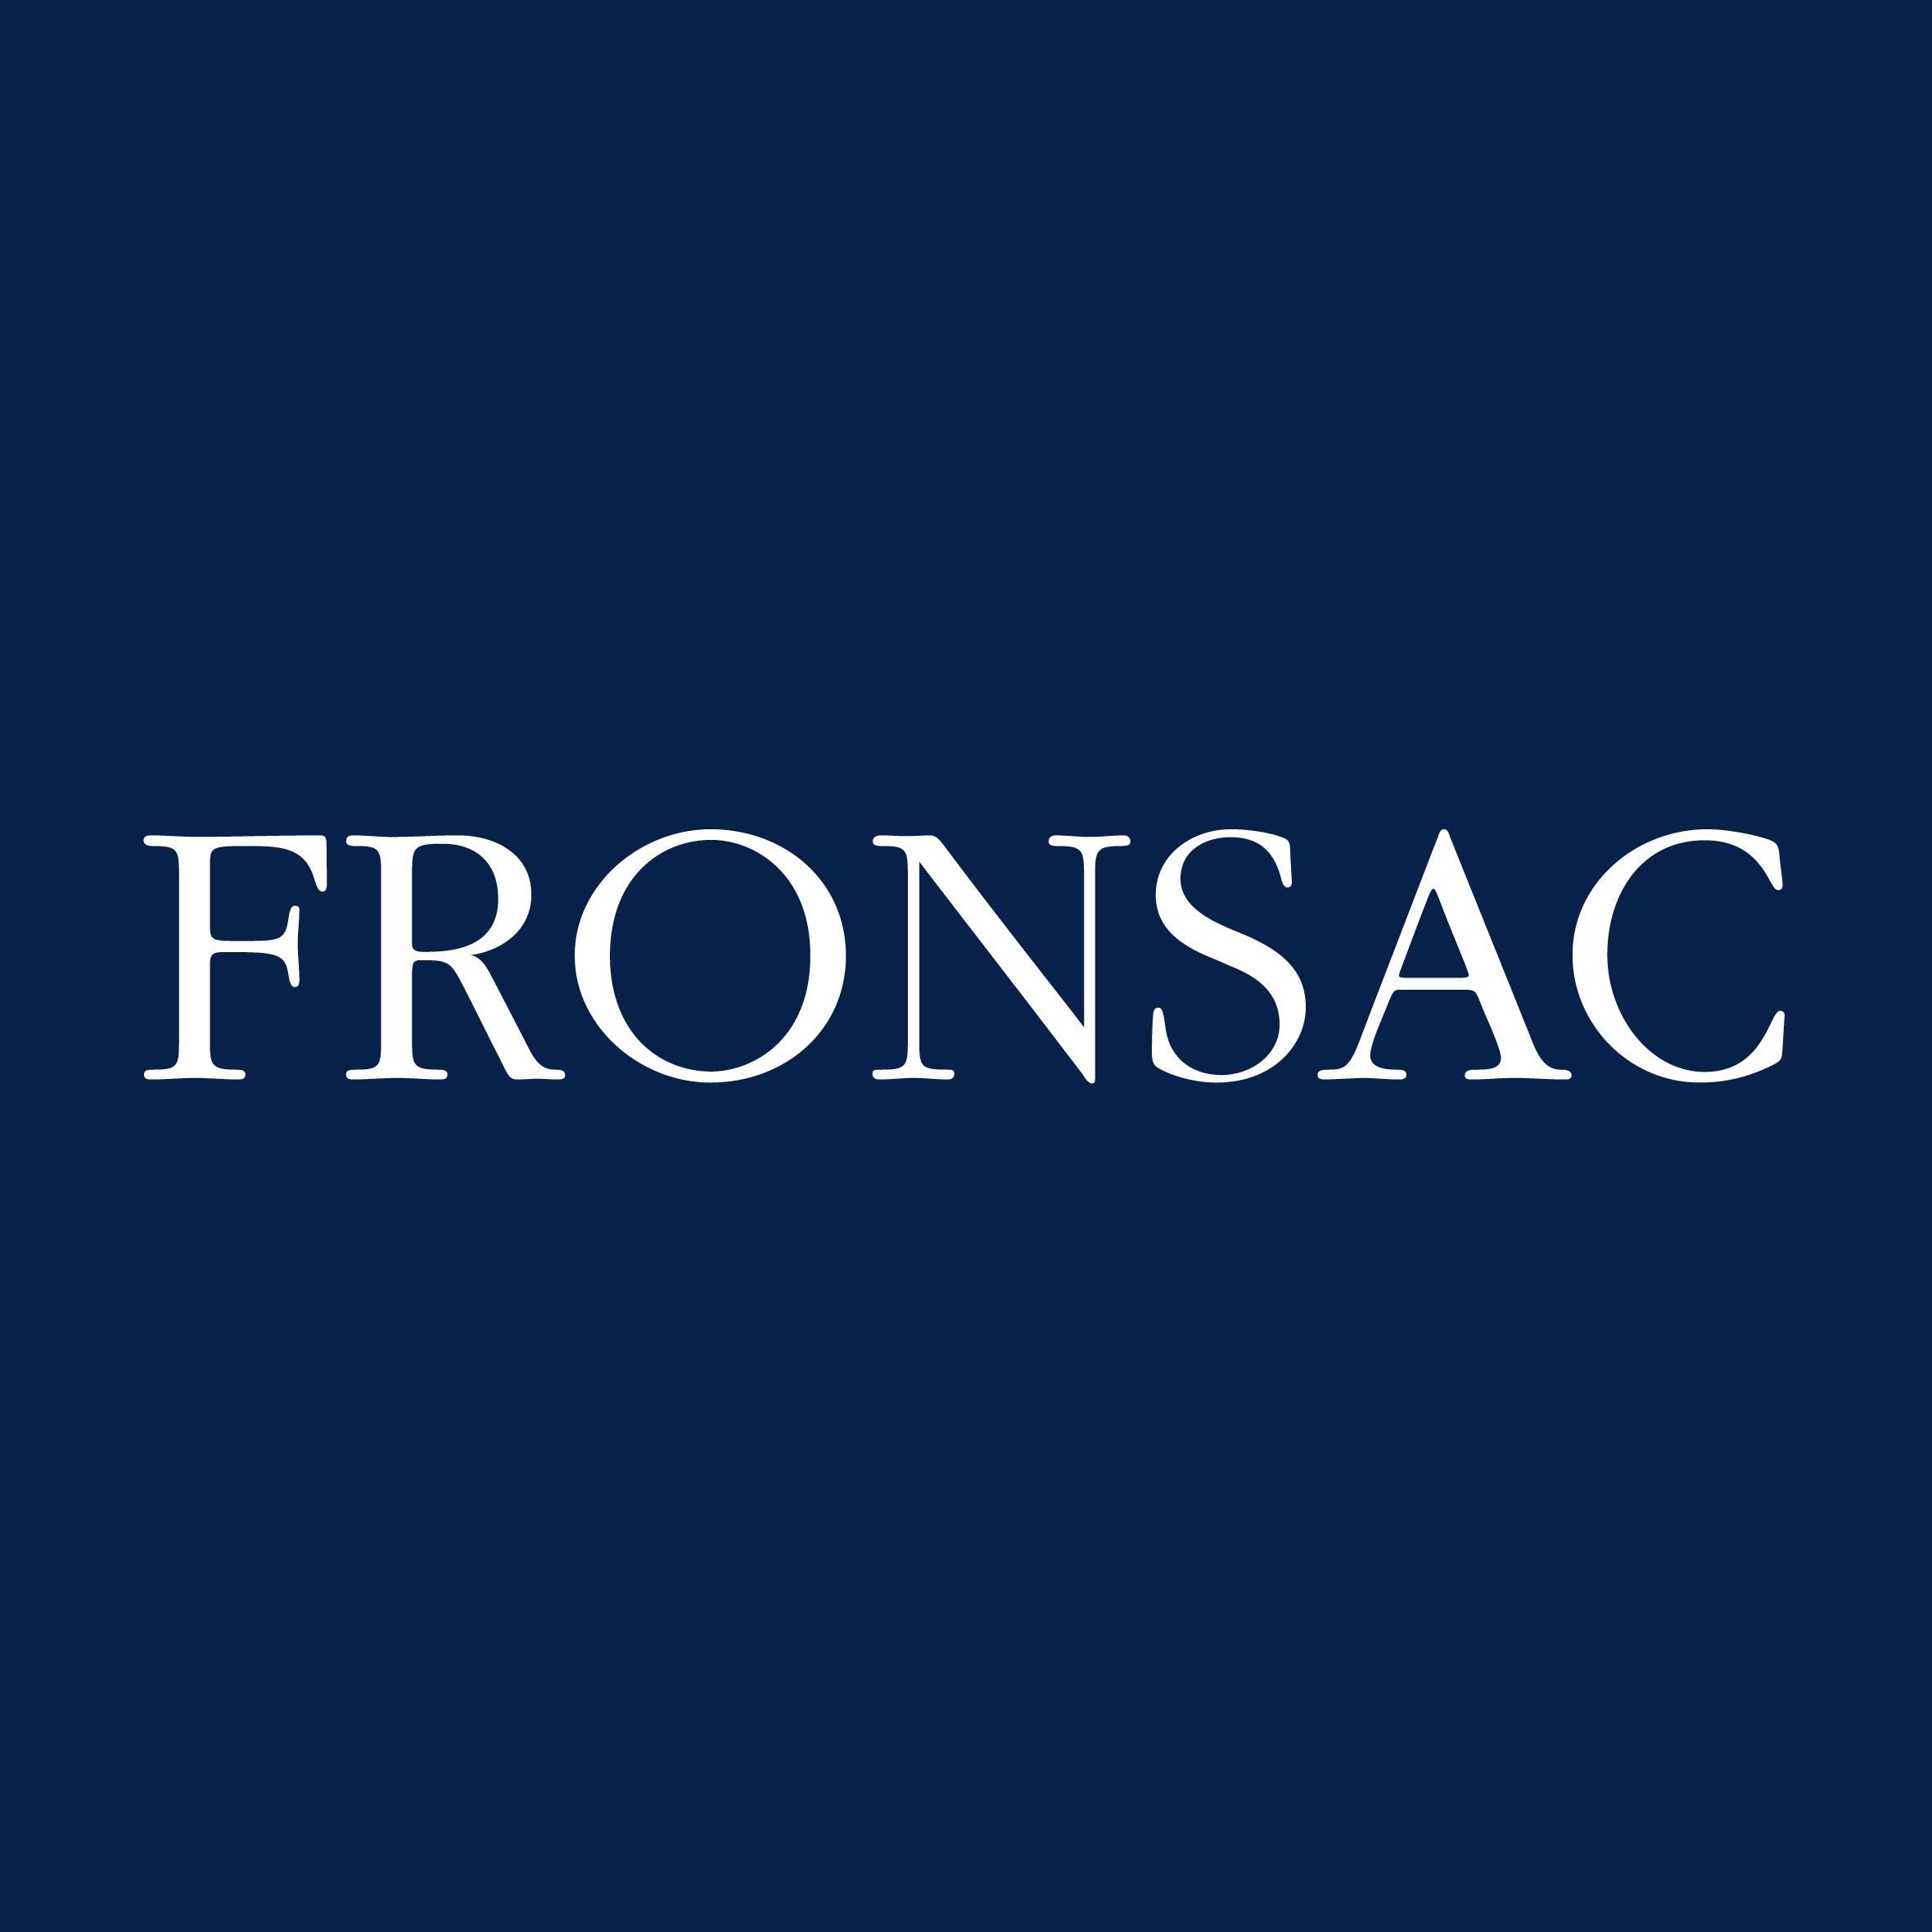 Fronsac Announces Amendments to Its Unit Compensation Plan